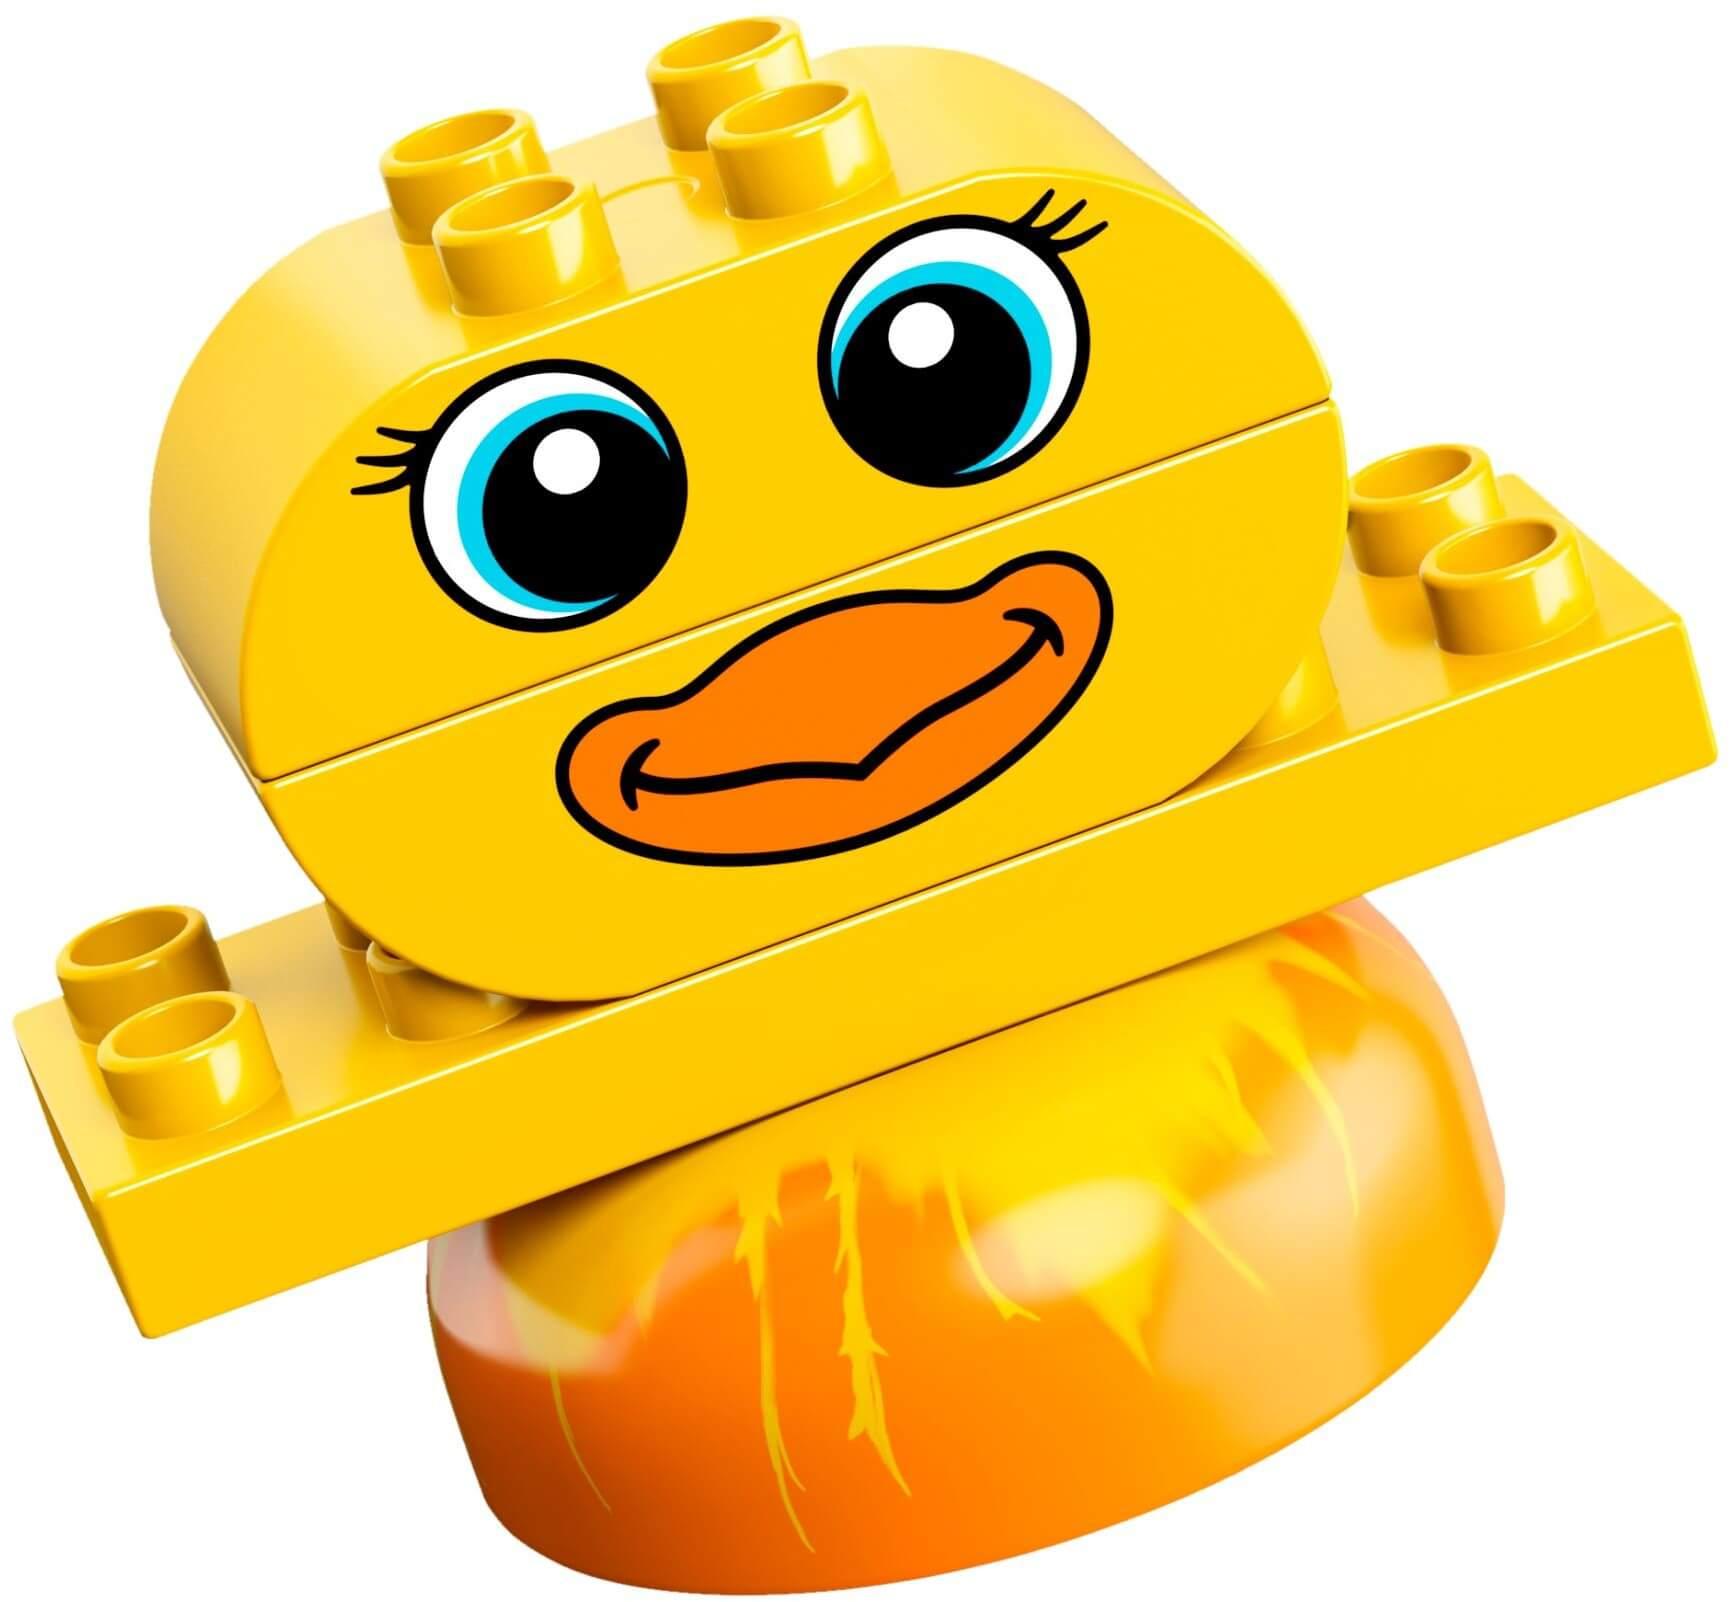 Mua đồ chơi LEGO 10858 - LEGO Duplo 10858 - Bộ xếp hình Thú Cưng của Bé (LEGO Duplo 10858 My First Puzzle Pets)